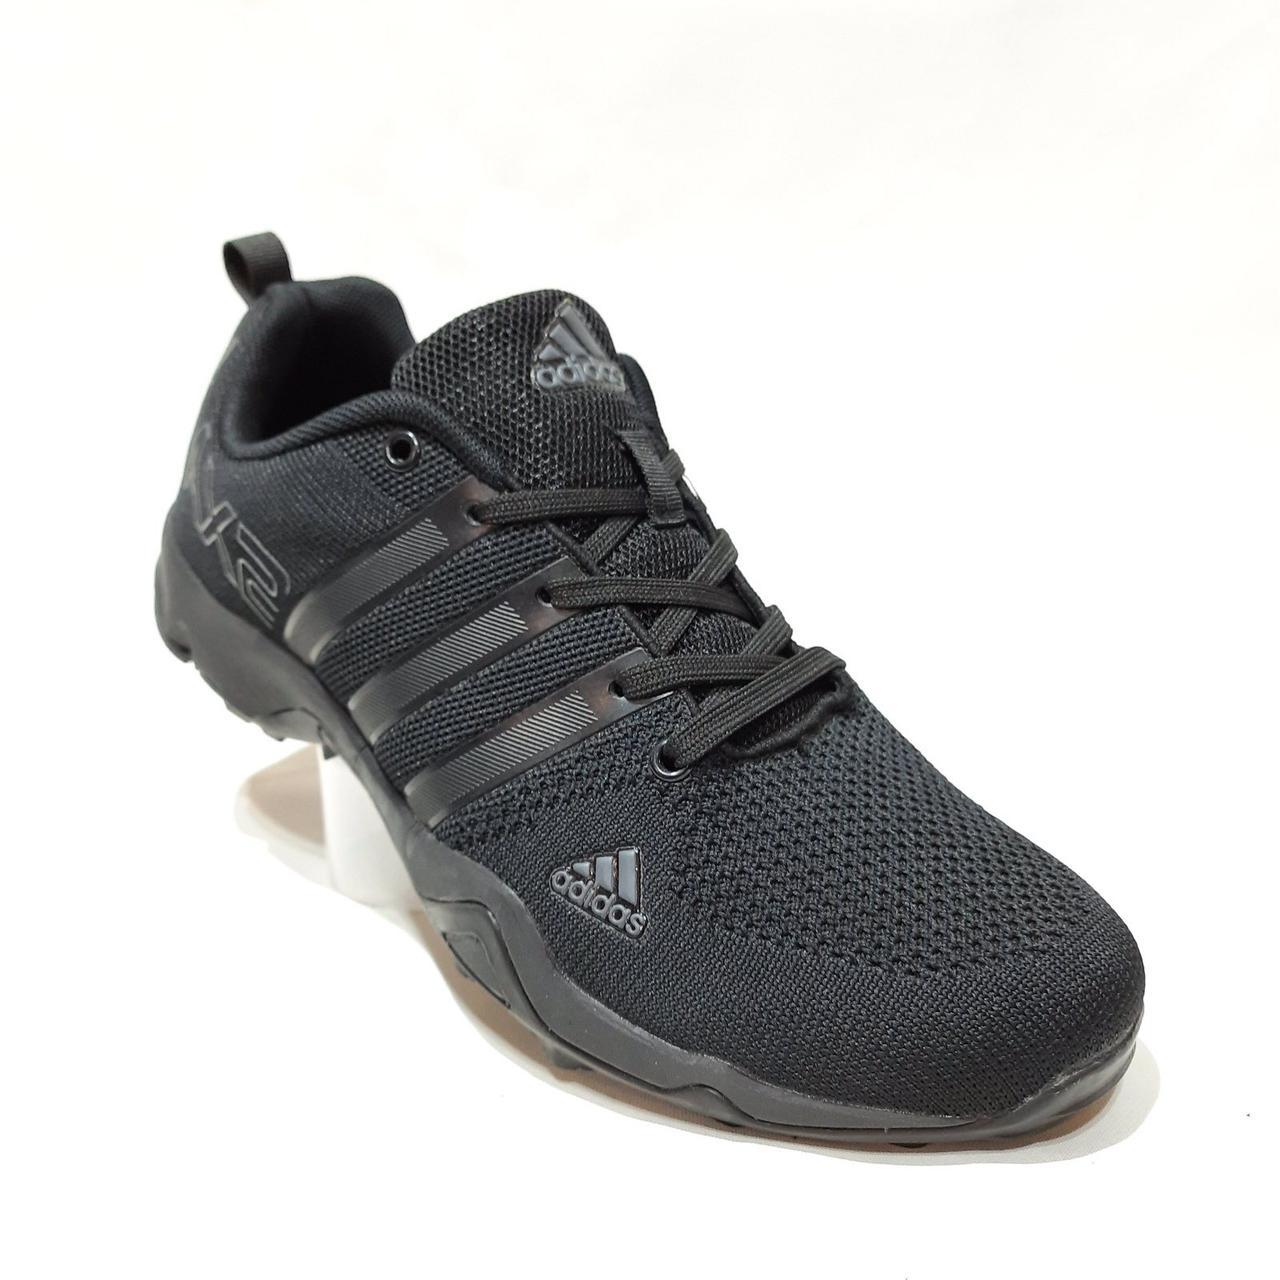 45 р. Чоловічі кросівки сітка з текстилем Адідас (Adidas) Чорні Остання пара